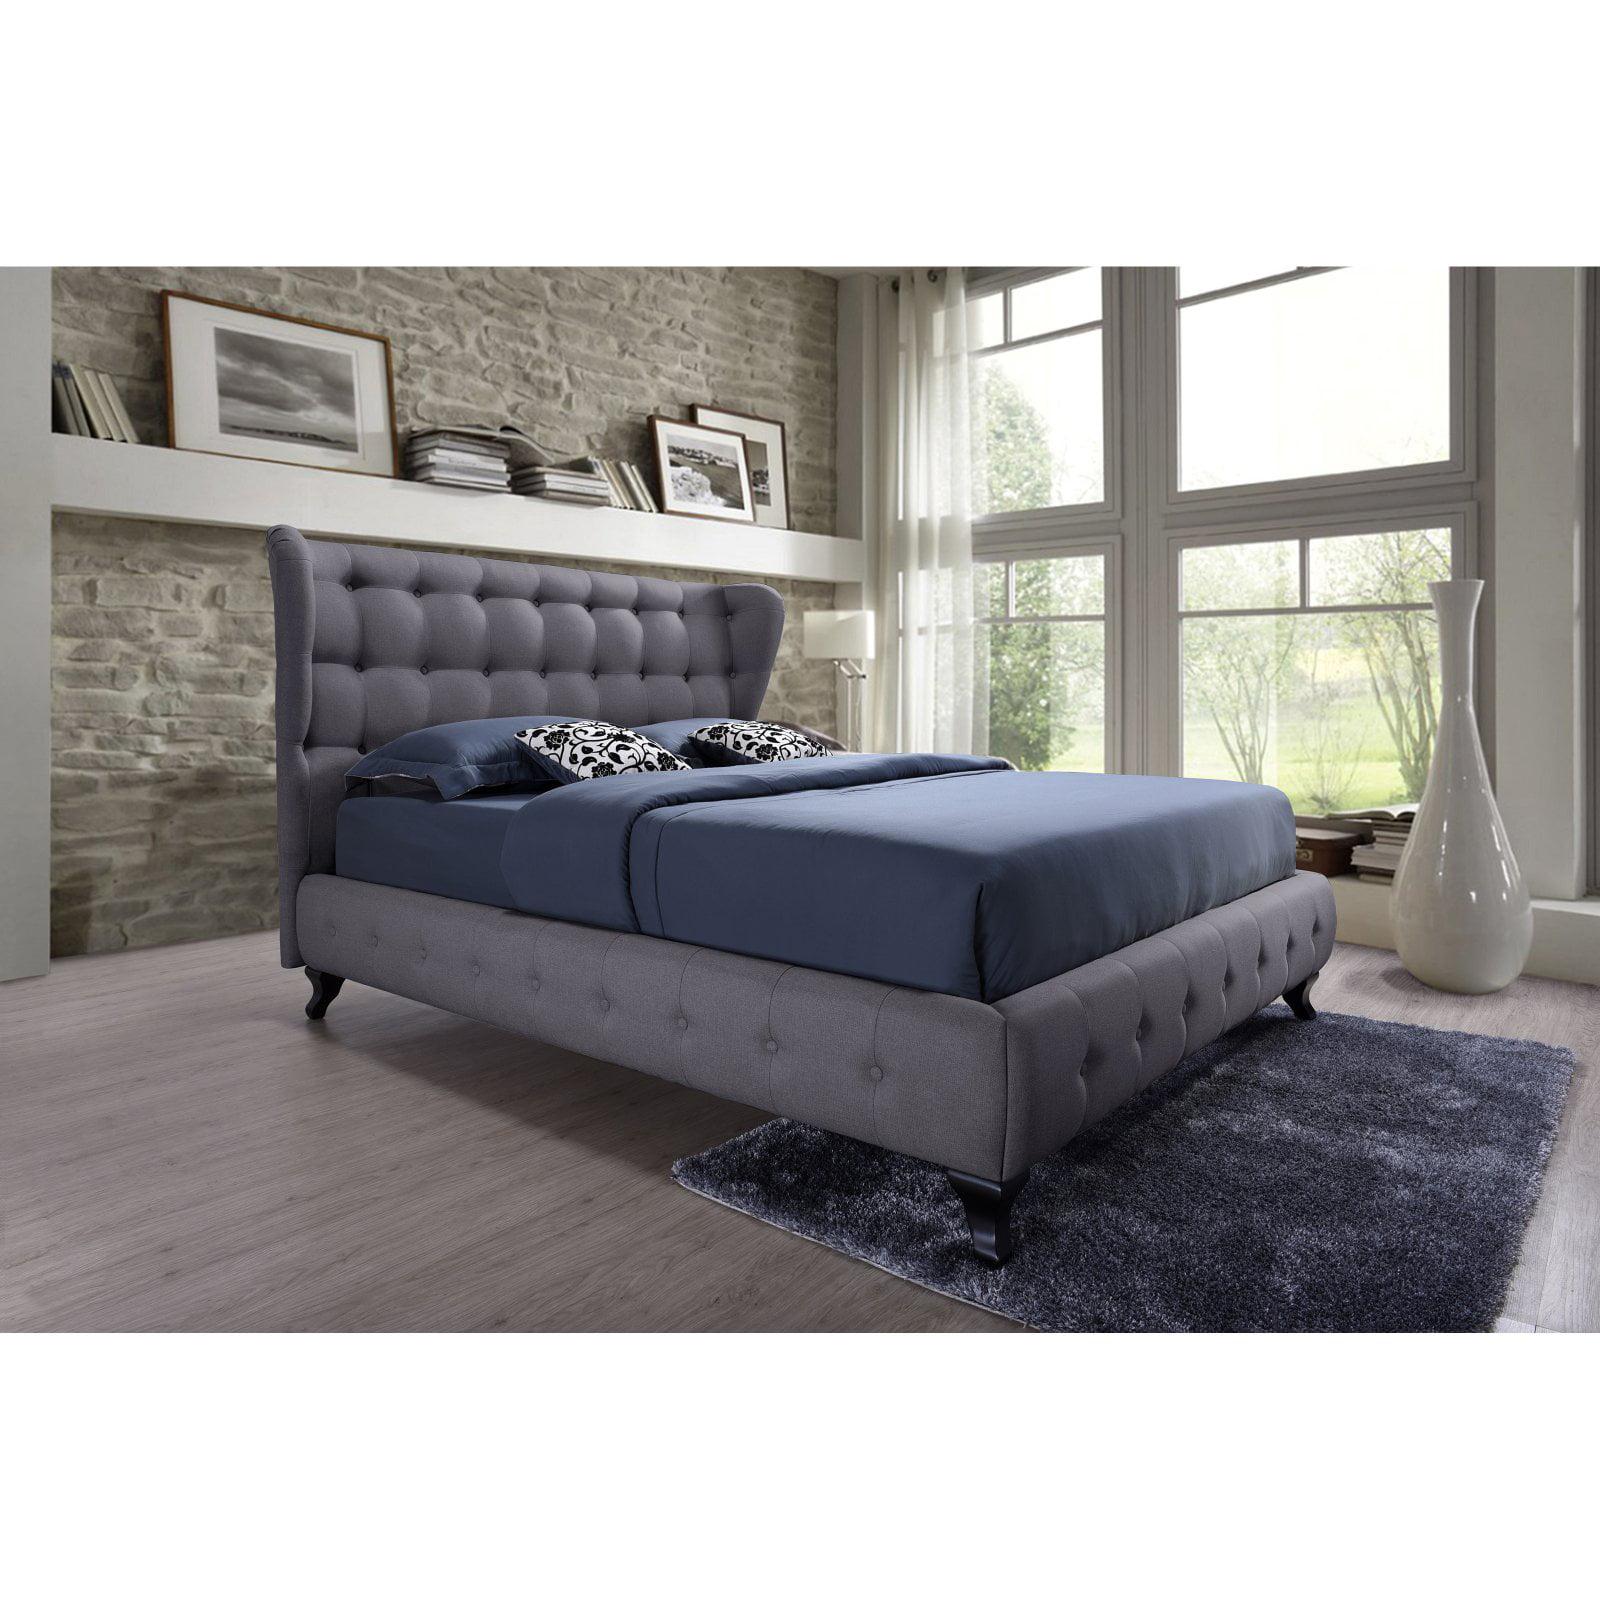 Baxton Studio Bellissimo Uphostered Platform Bed